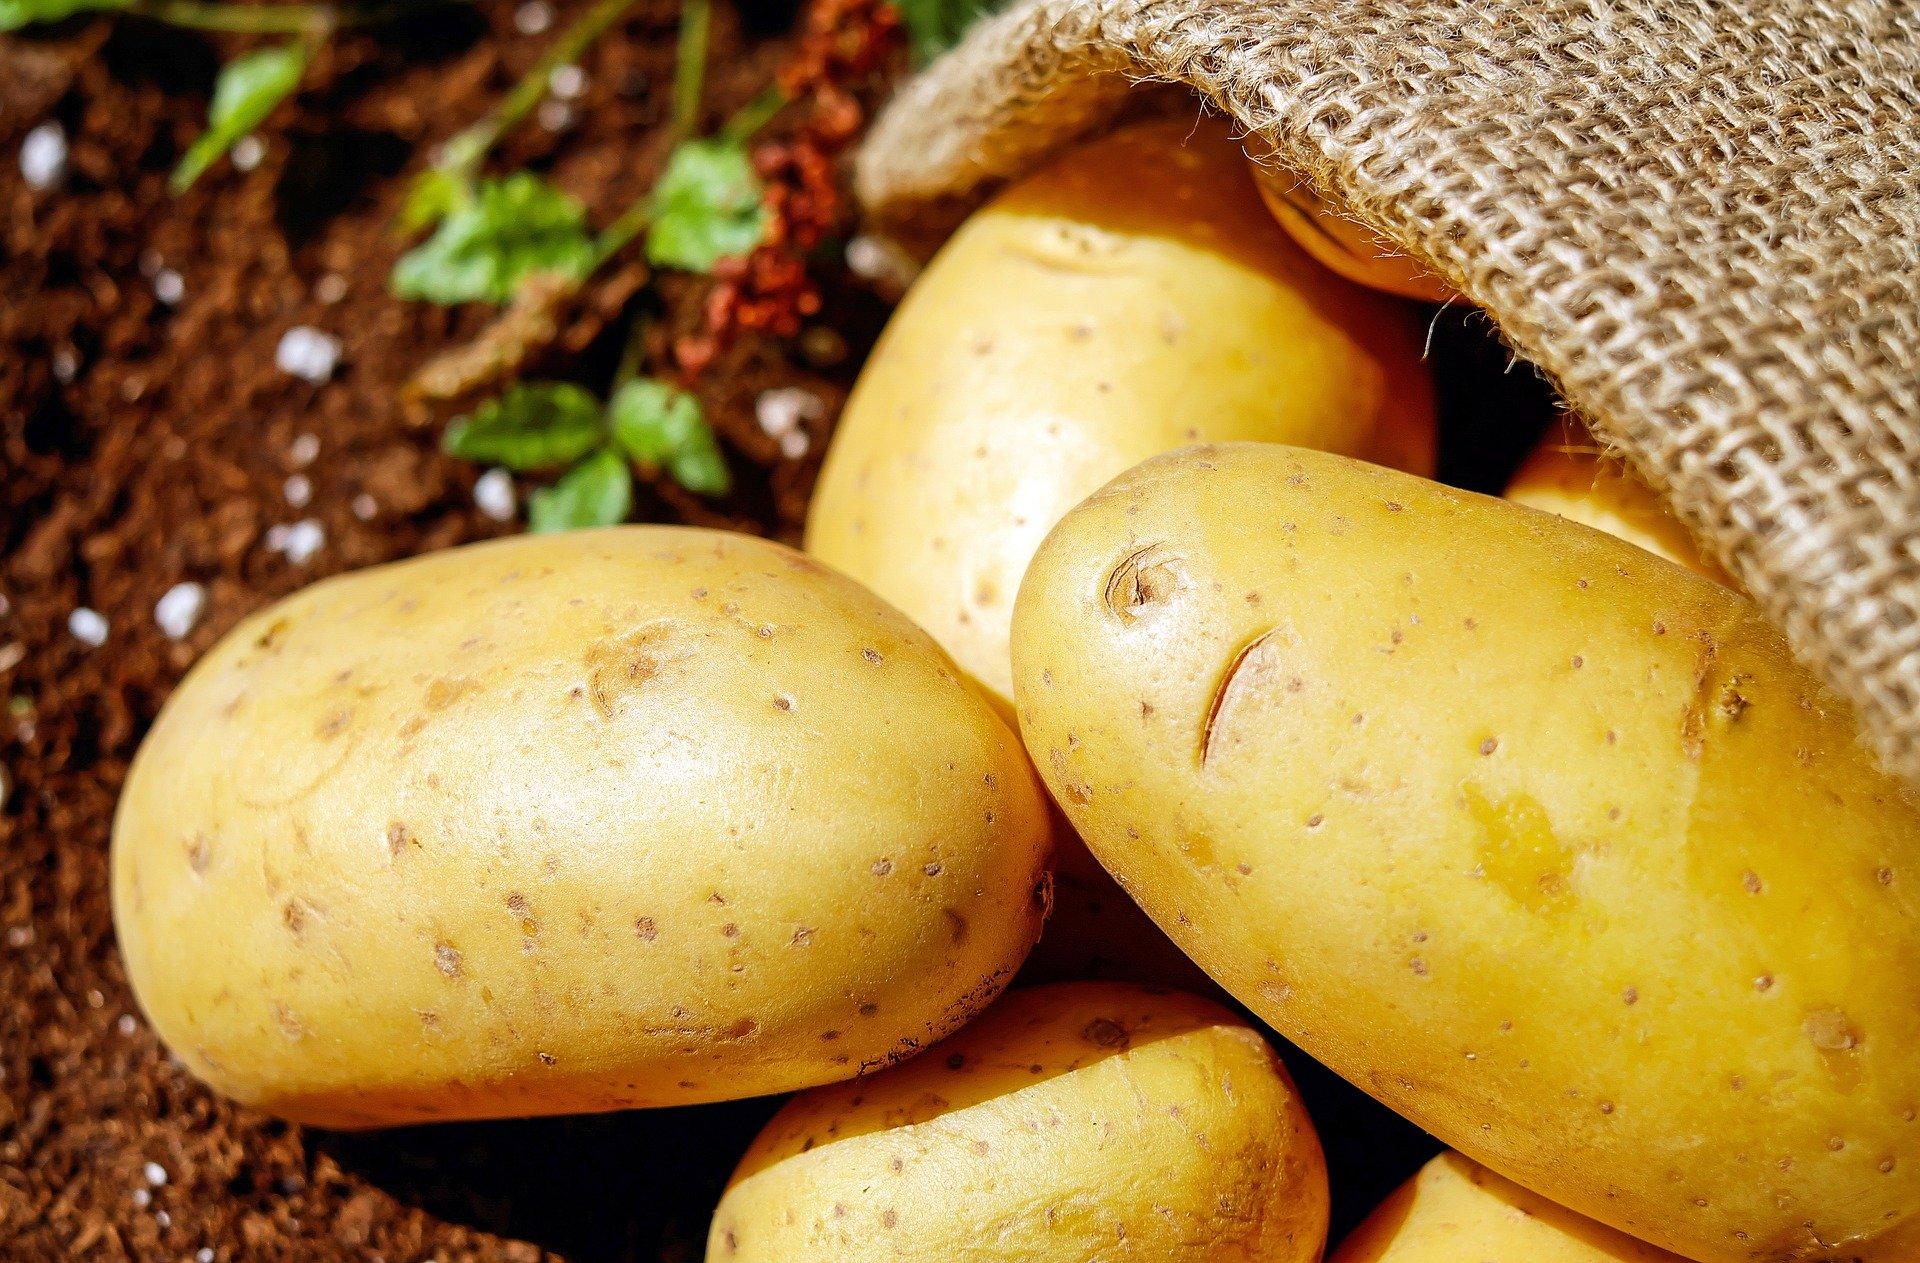 האם חלבון תפוחי אדמה יכול לעזור בסנטזת שריר? (ספוילר.. לא בטוח)